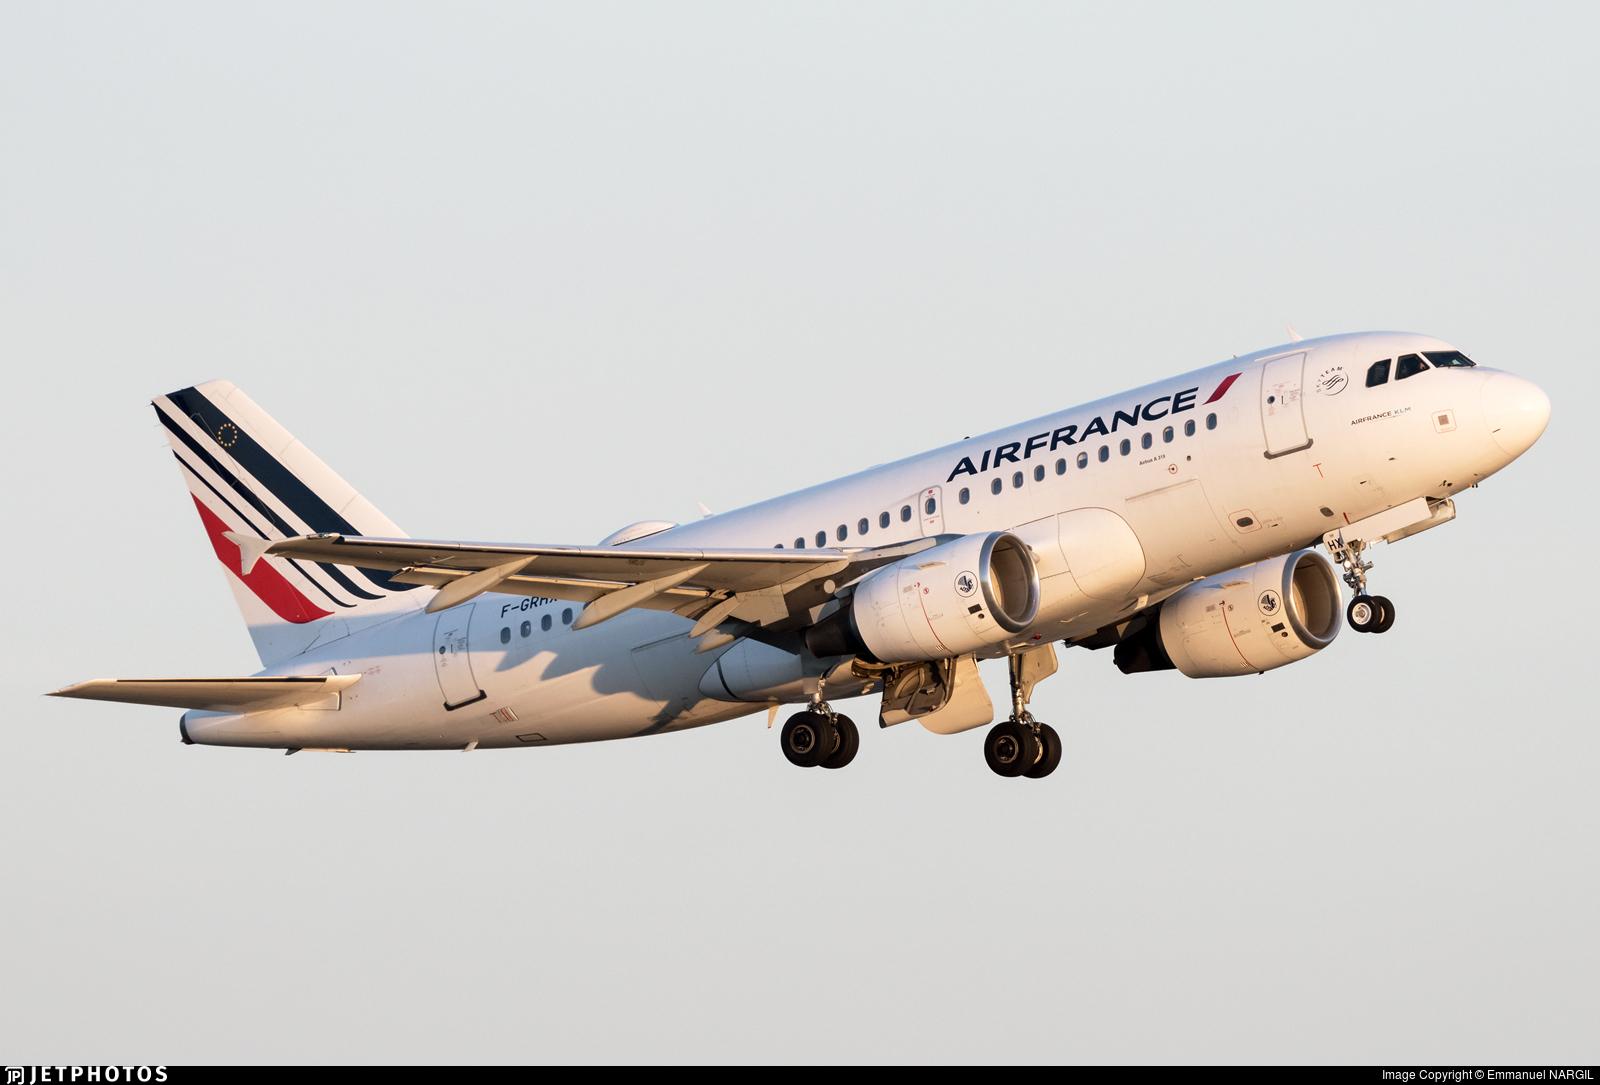 F-GRHX - Airbus A319-111 - Air France